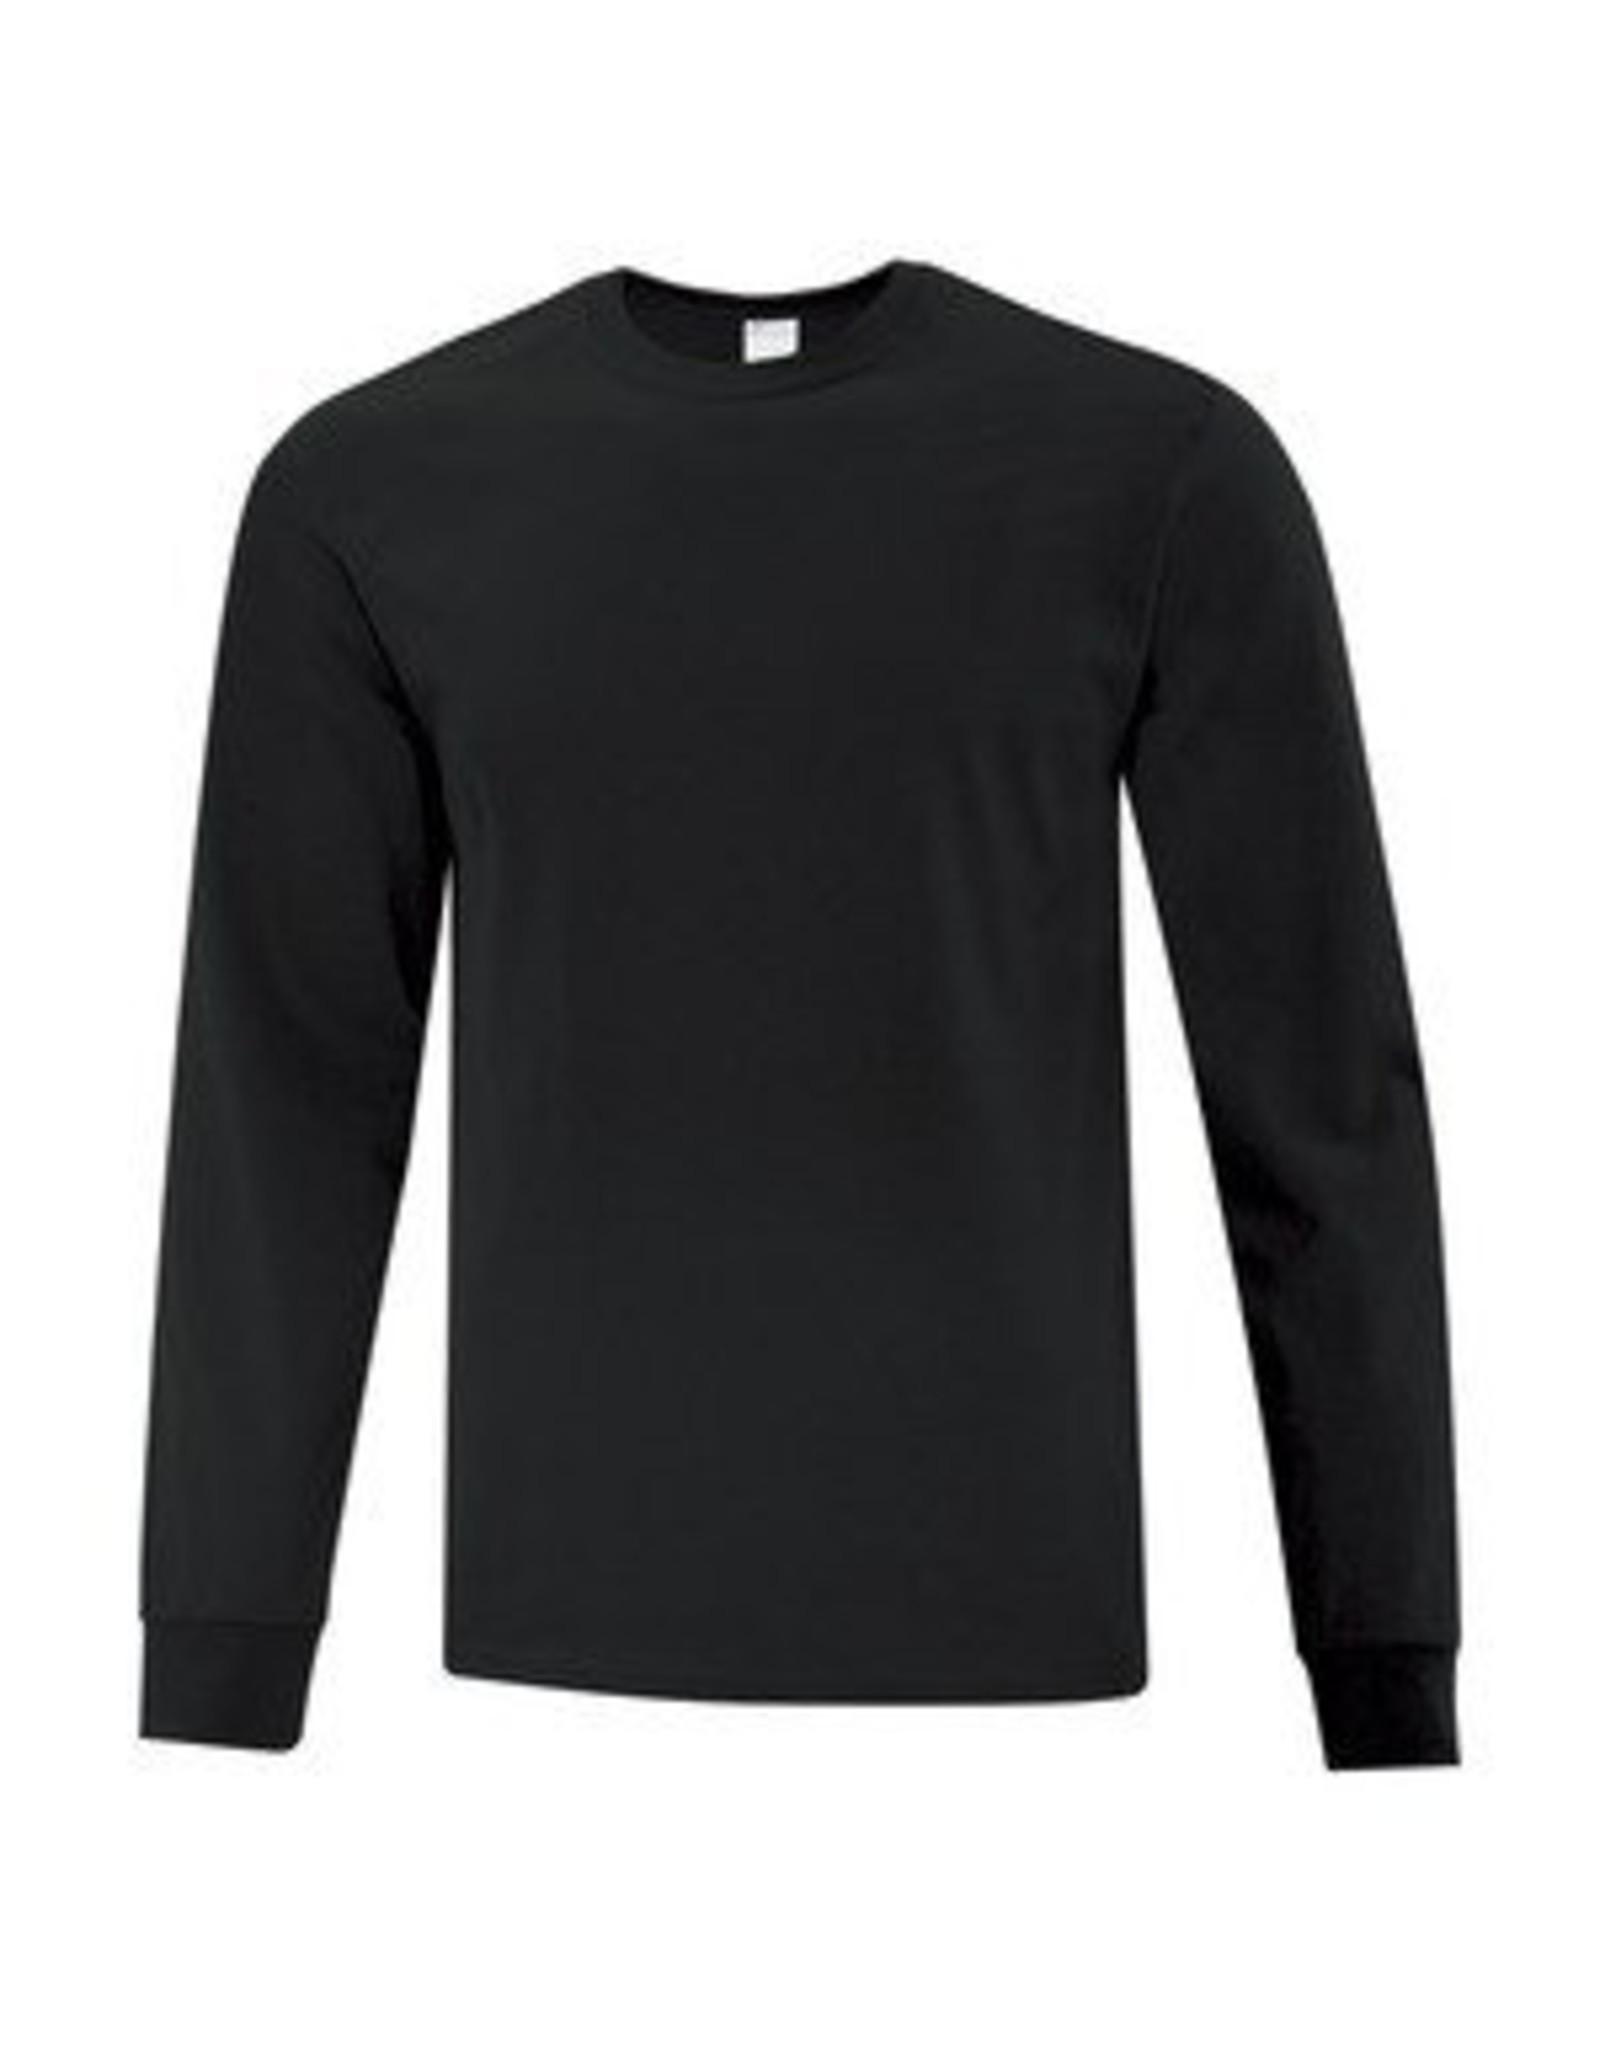 FRUIT OF THE LOOM Plain Colour Longsleeve Shirt